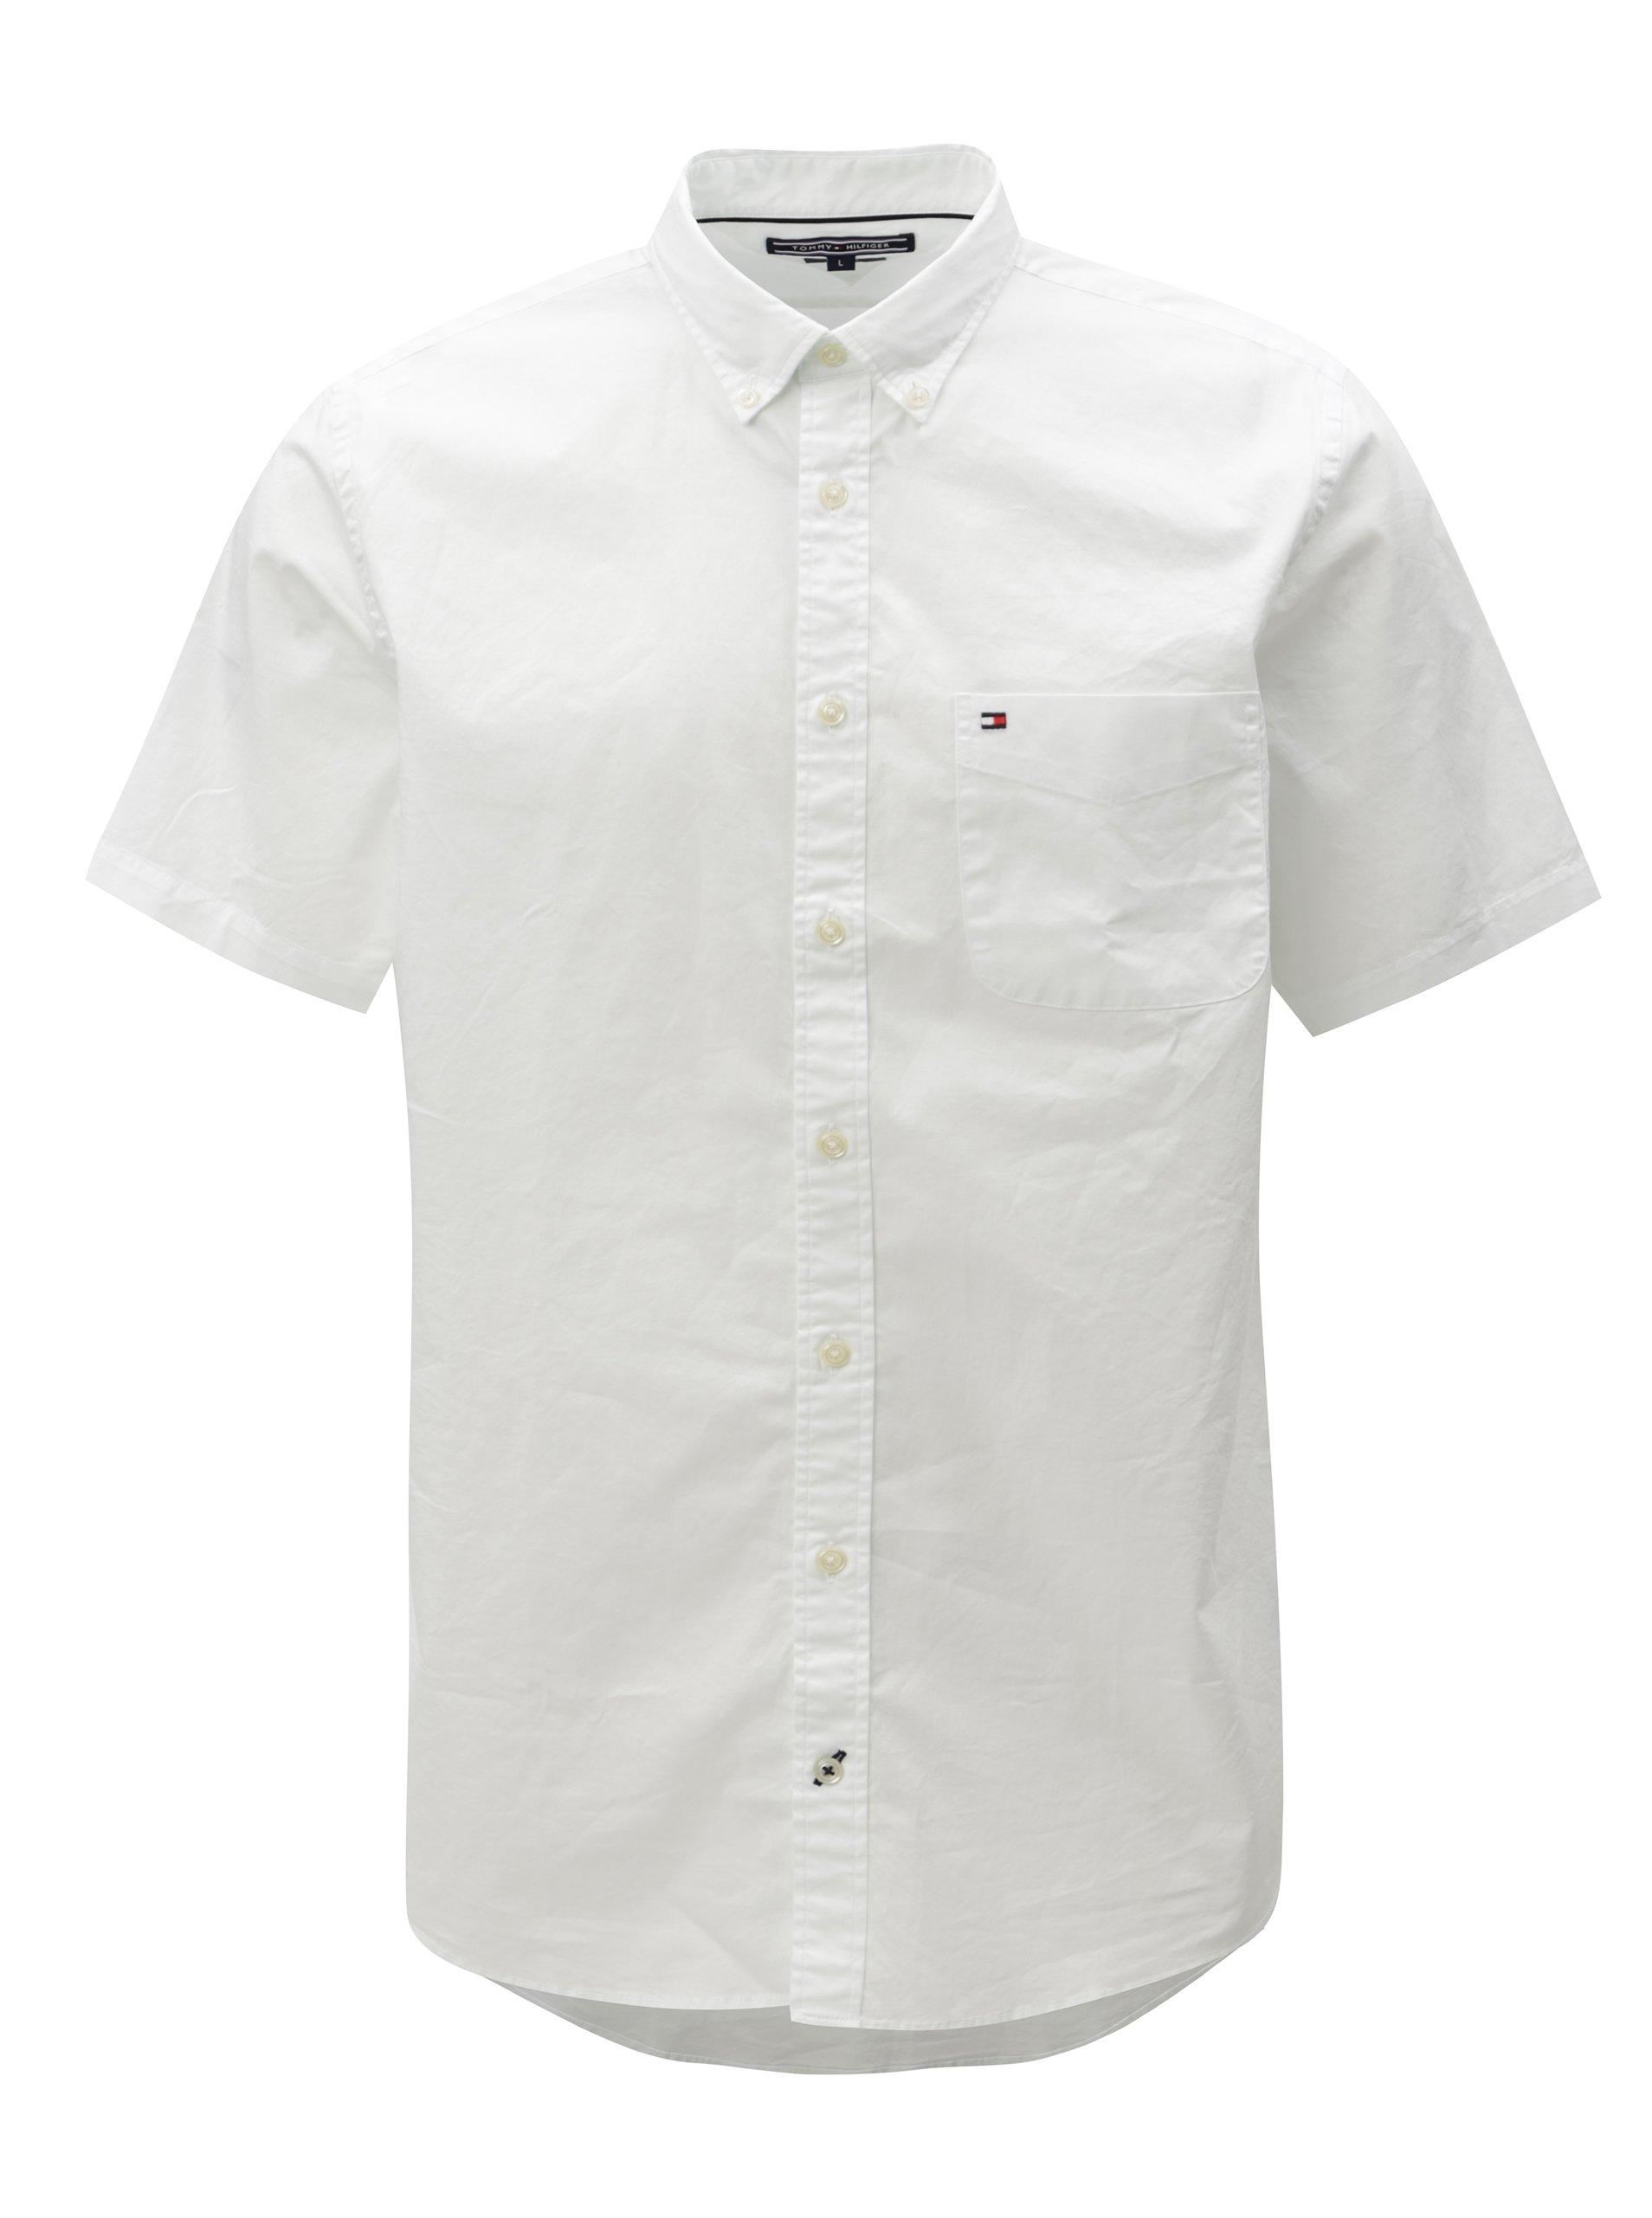 ef922782b12f Biela pánska košeľa s krátkym rukávom Tommy Hilfiger